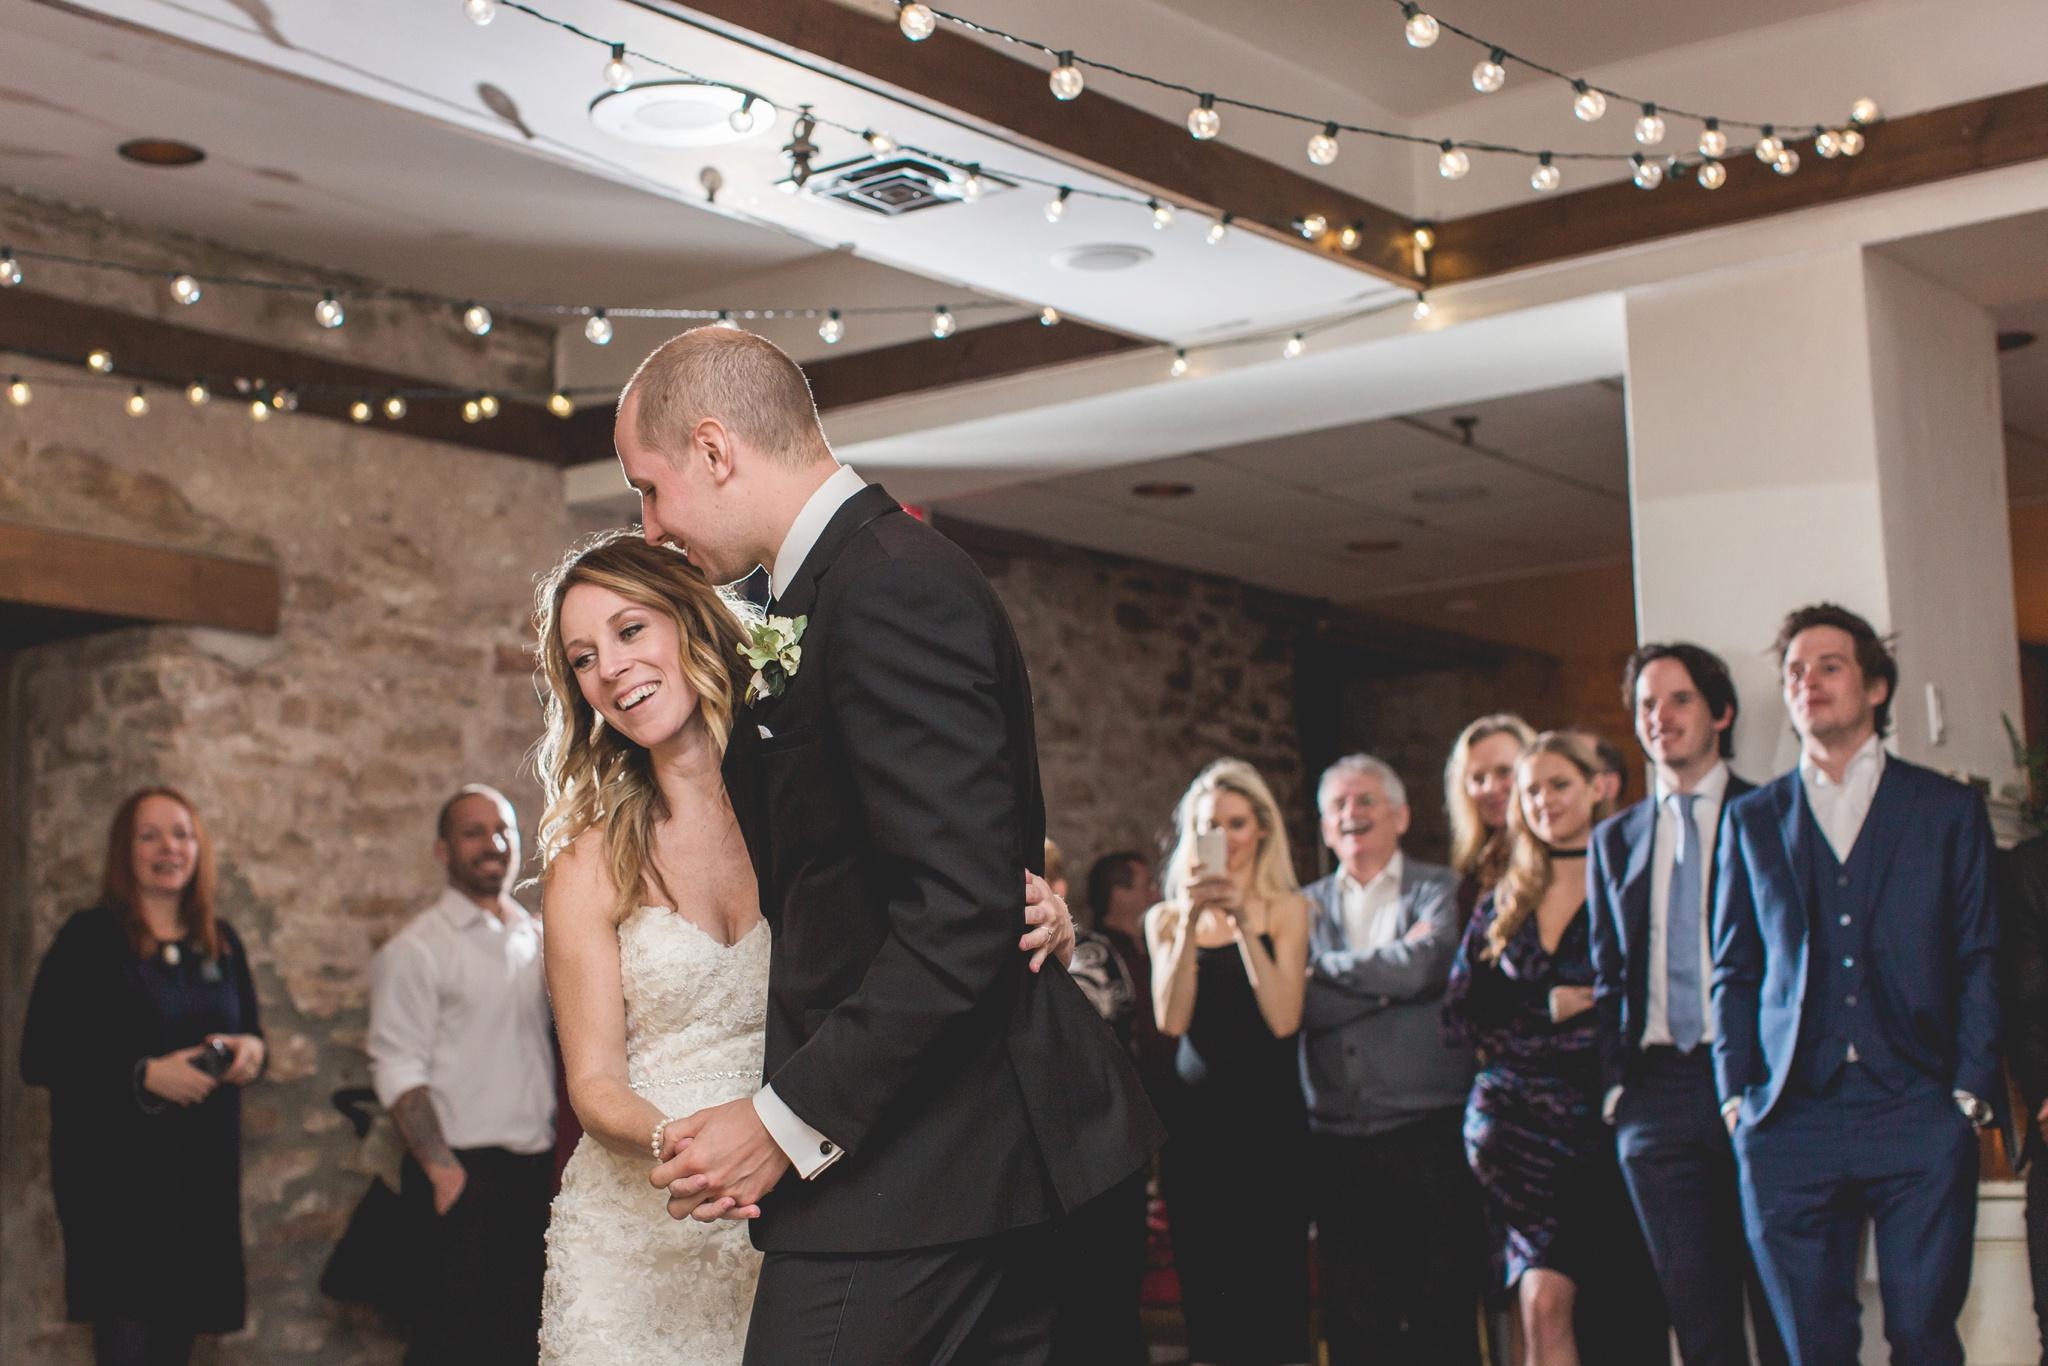 Spa Wedding Venue in Toronto